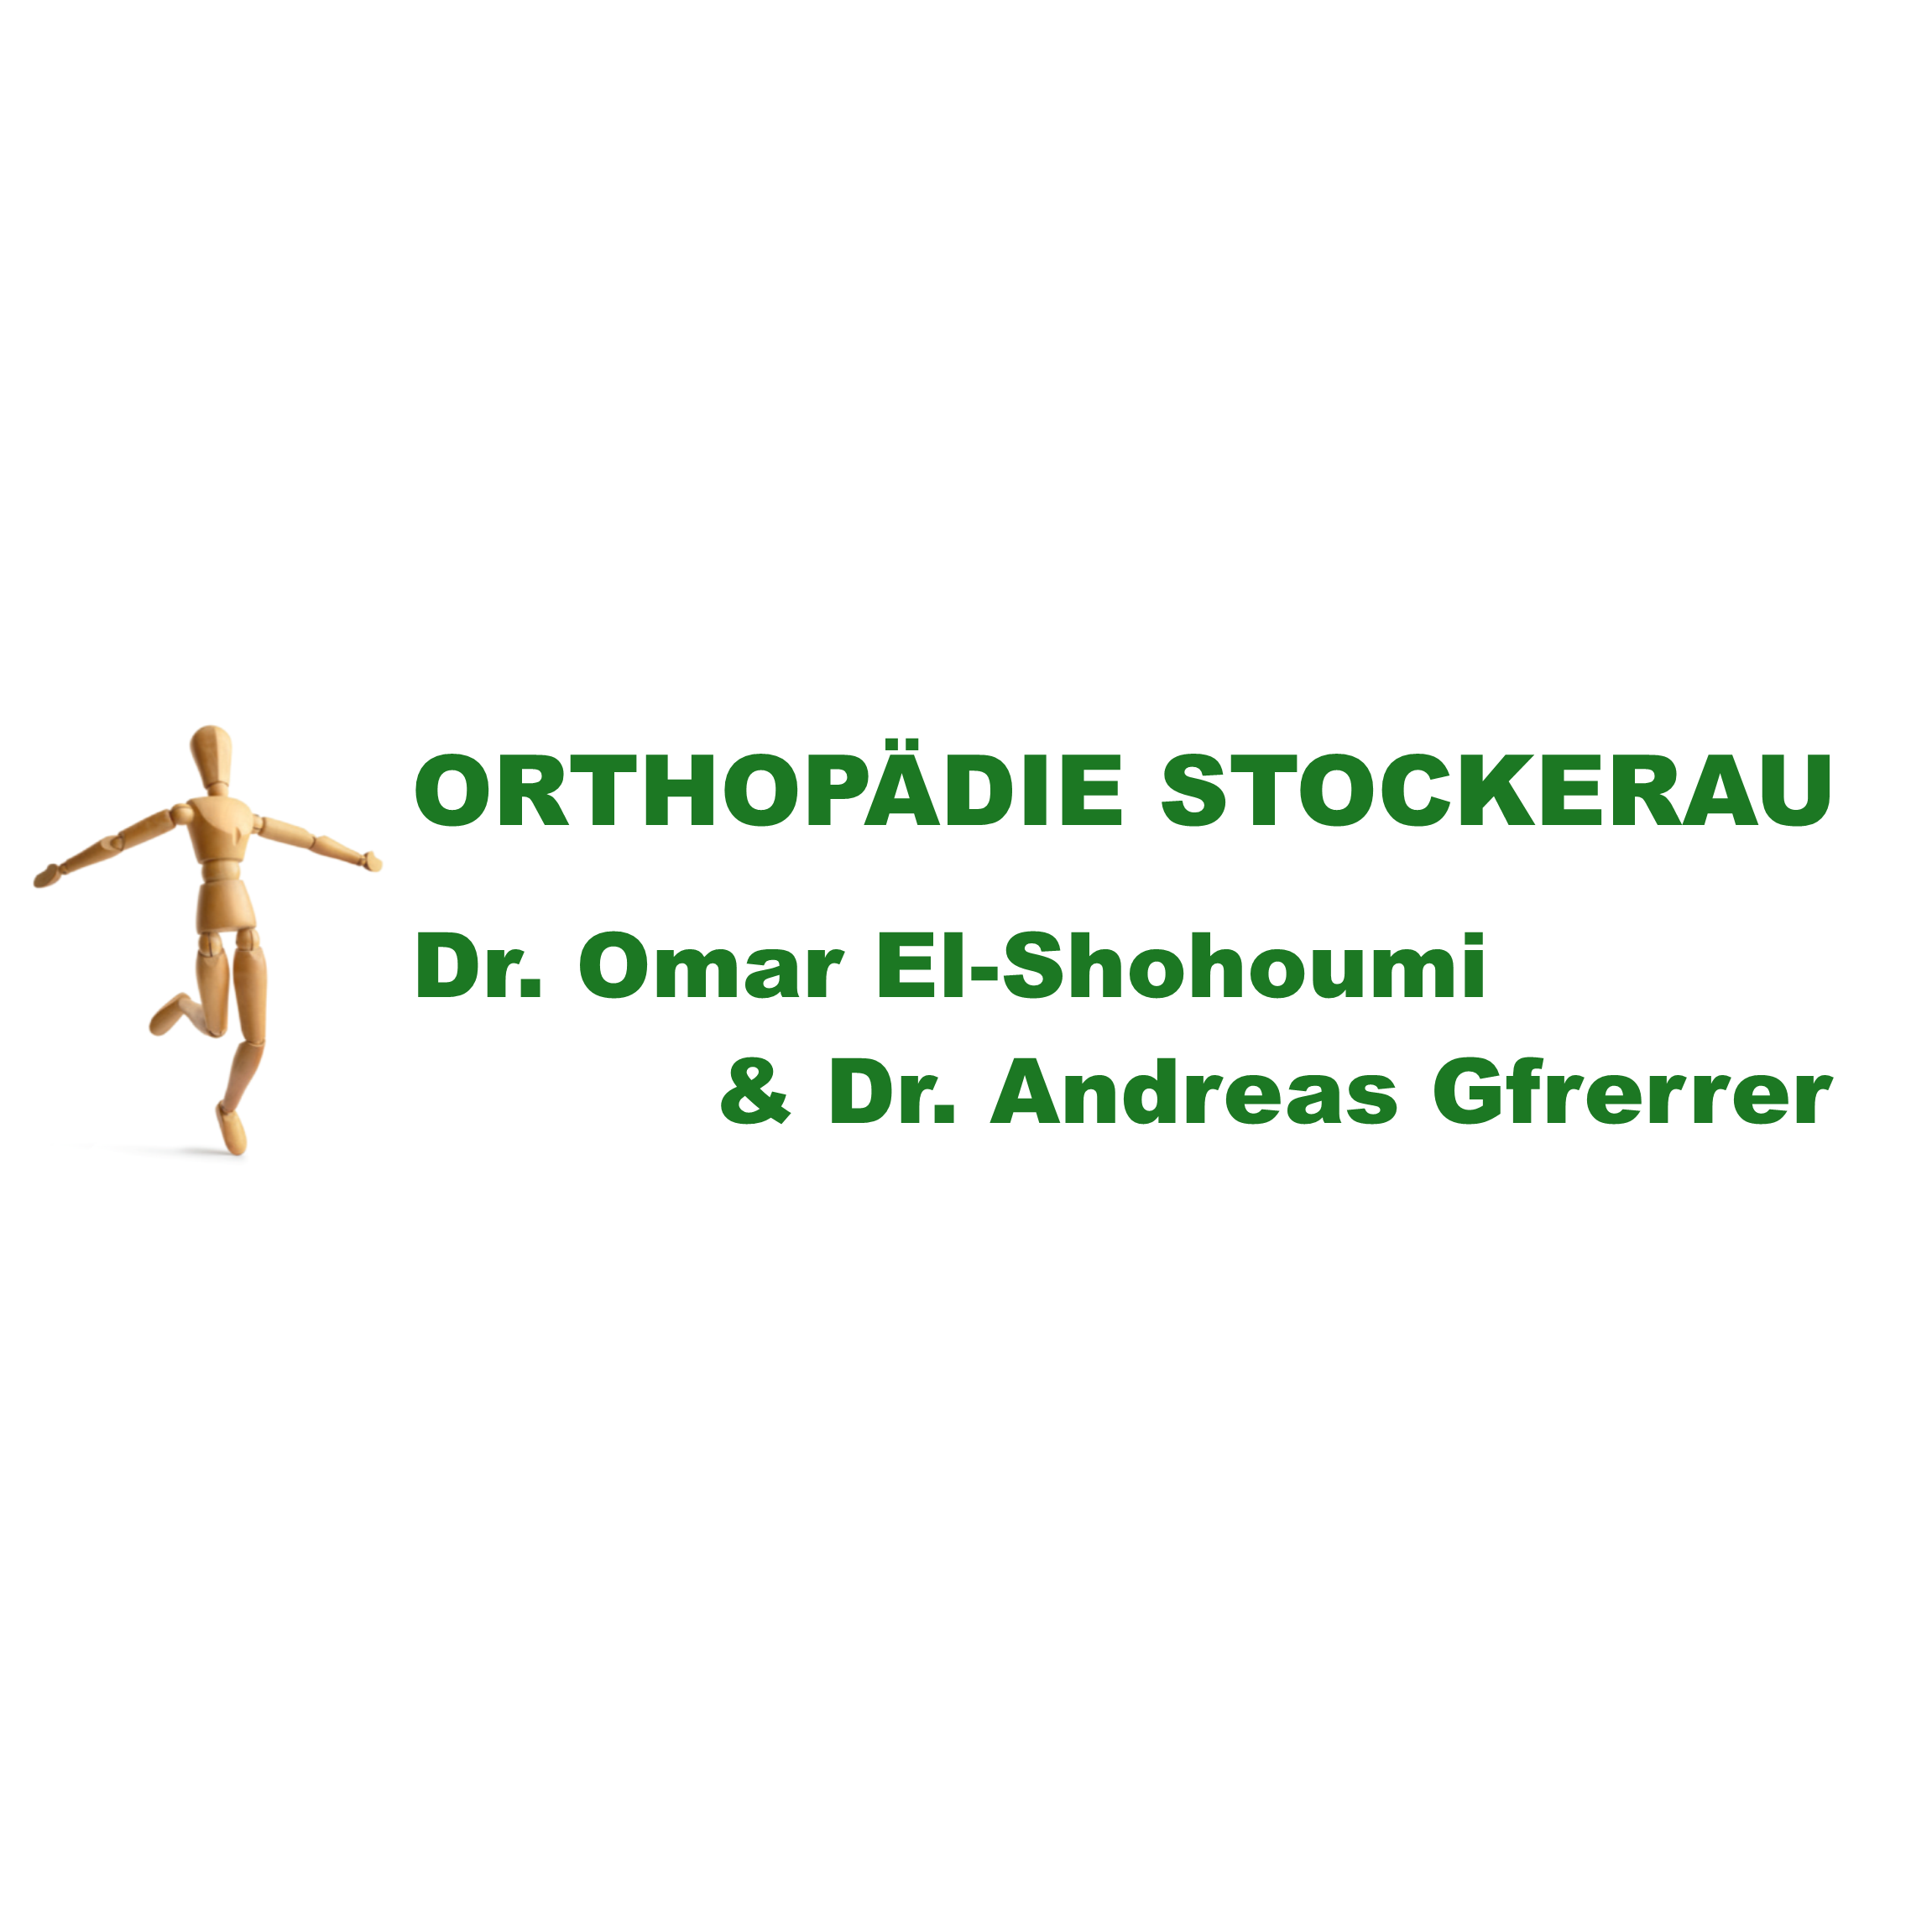 Logo von Orthopädie Stockerau - Dr. Omar El-Shohoumi & Dr. Andreas Gfrerrer